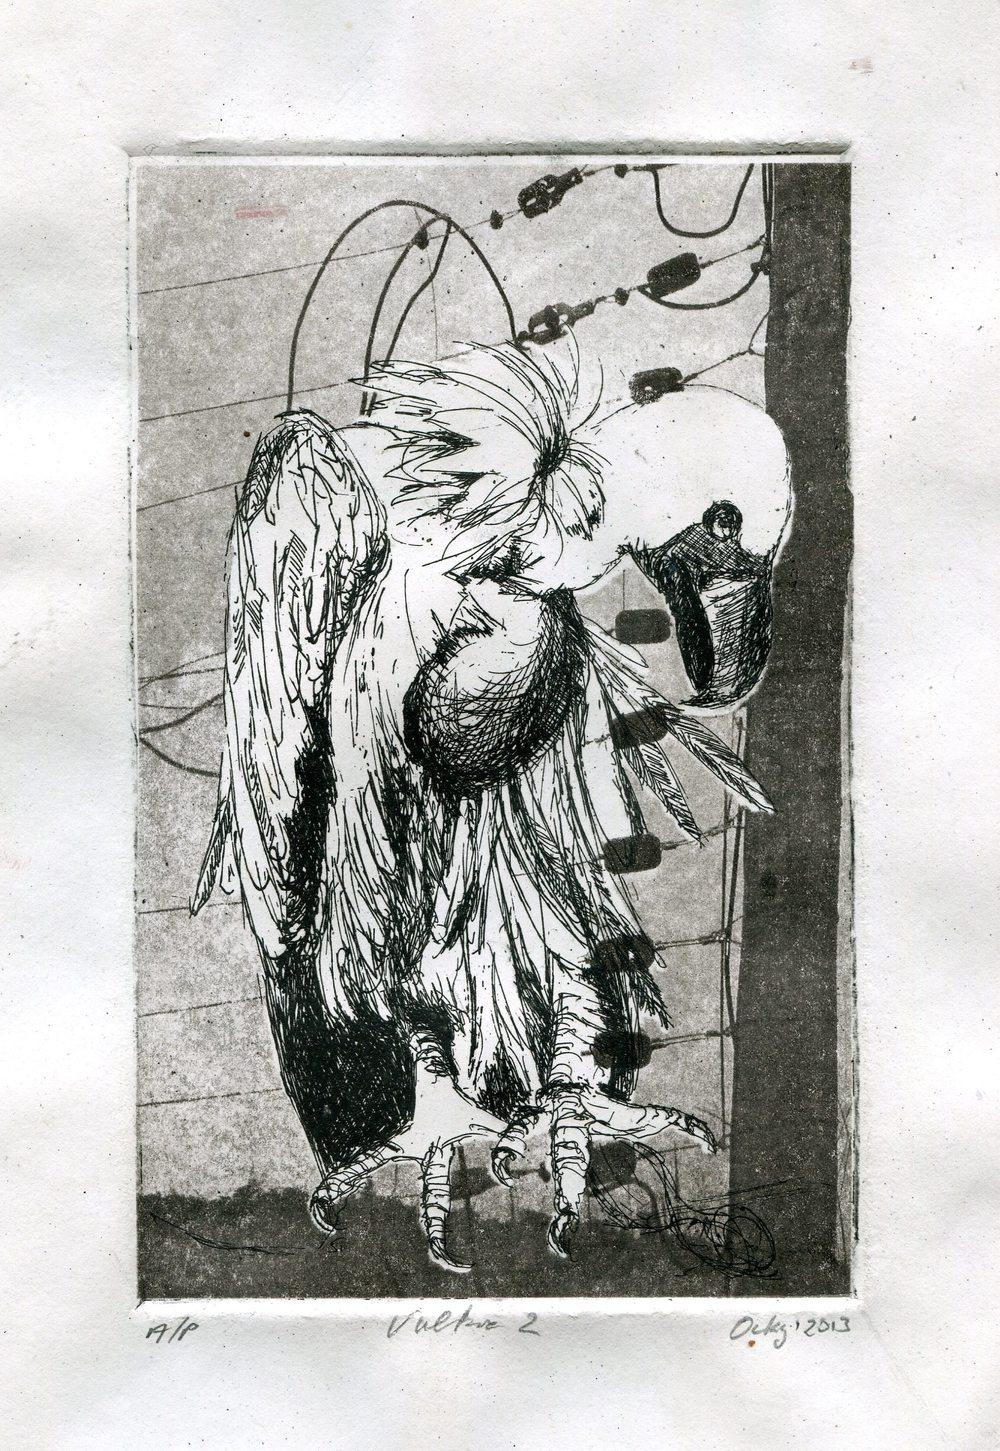 63b Kruger, Ockert- Vulture 1, Etching.jpg